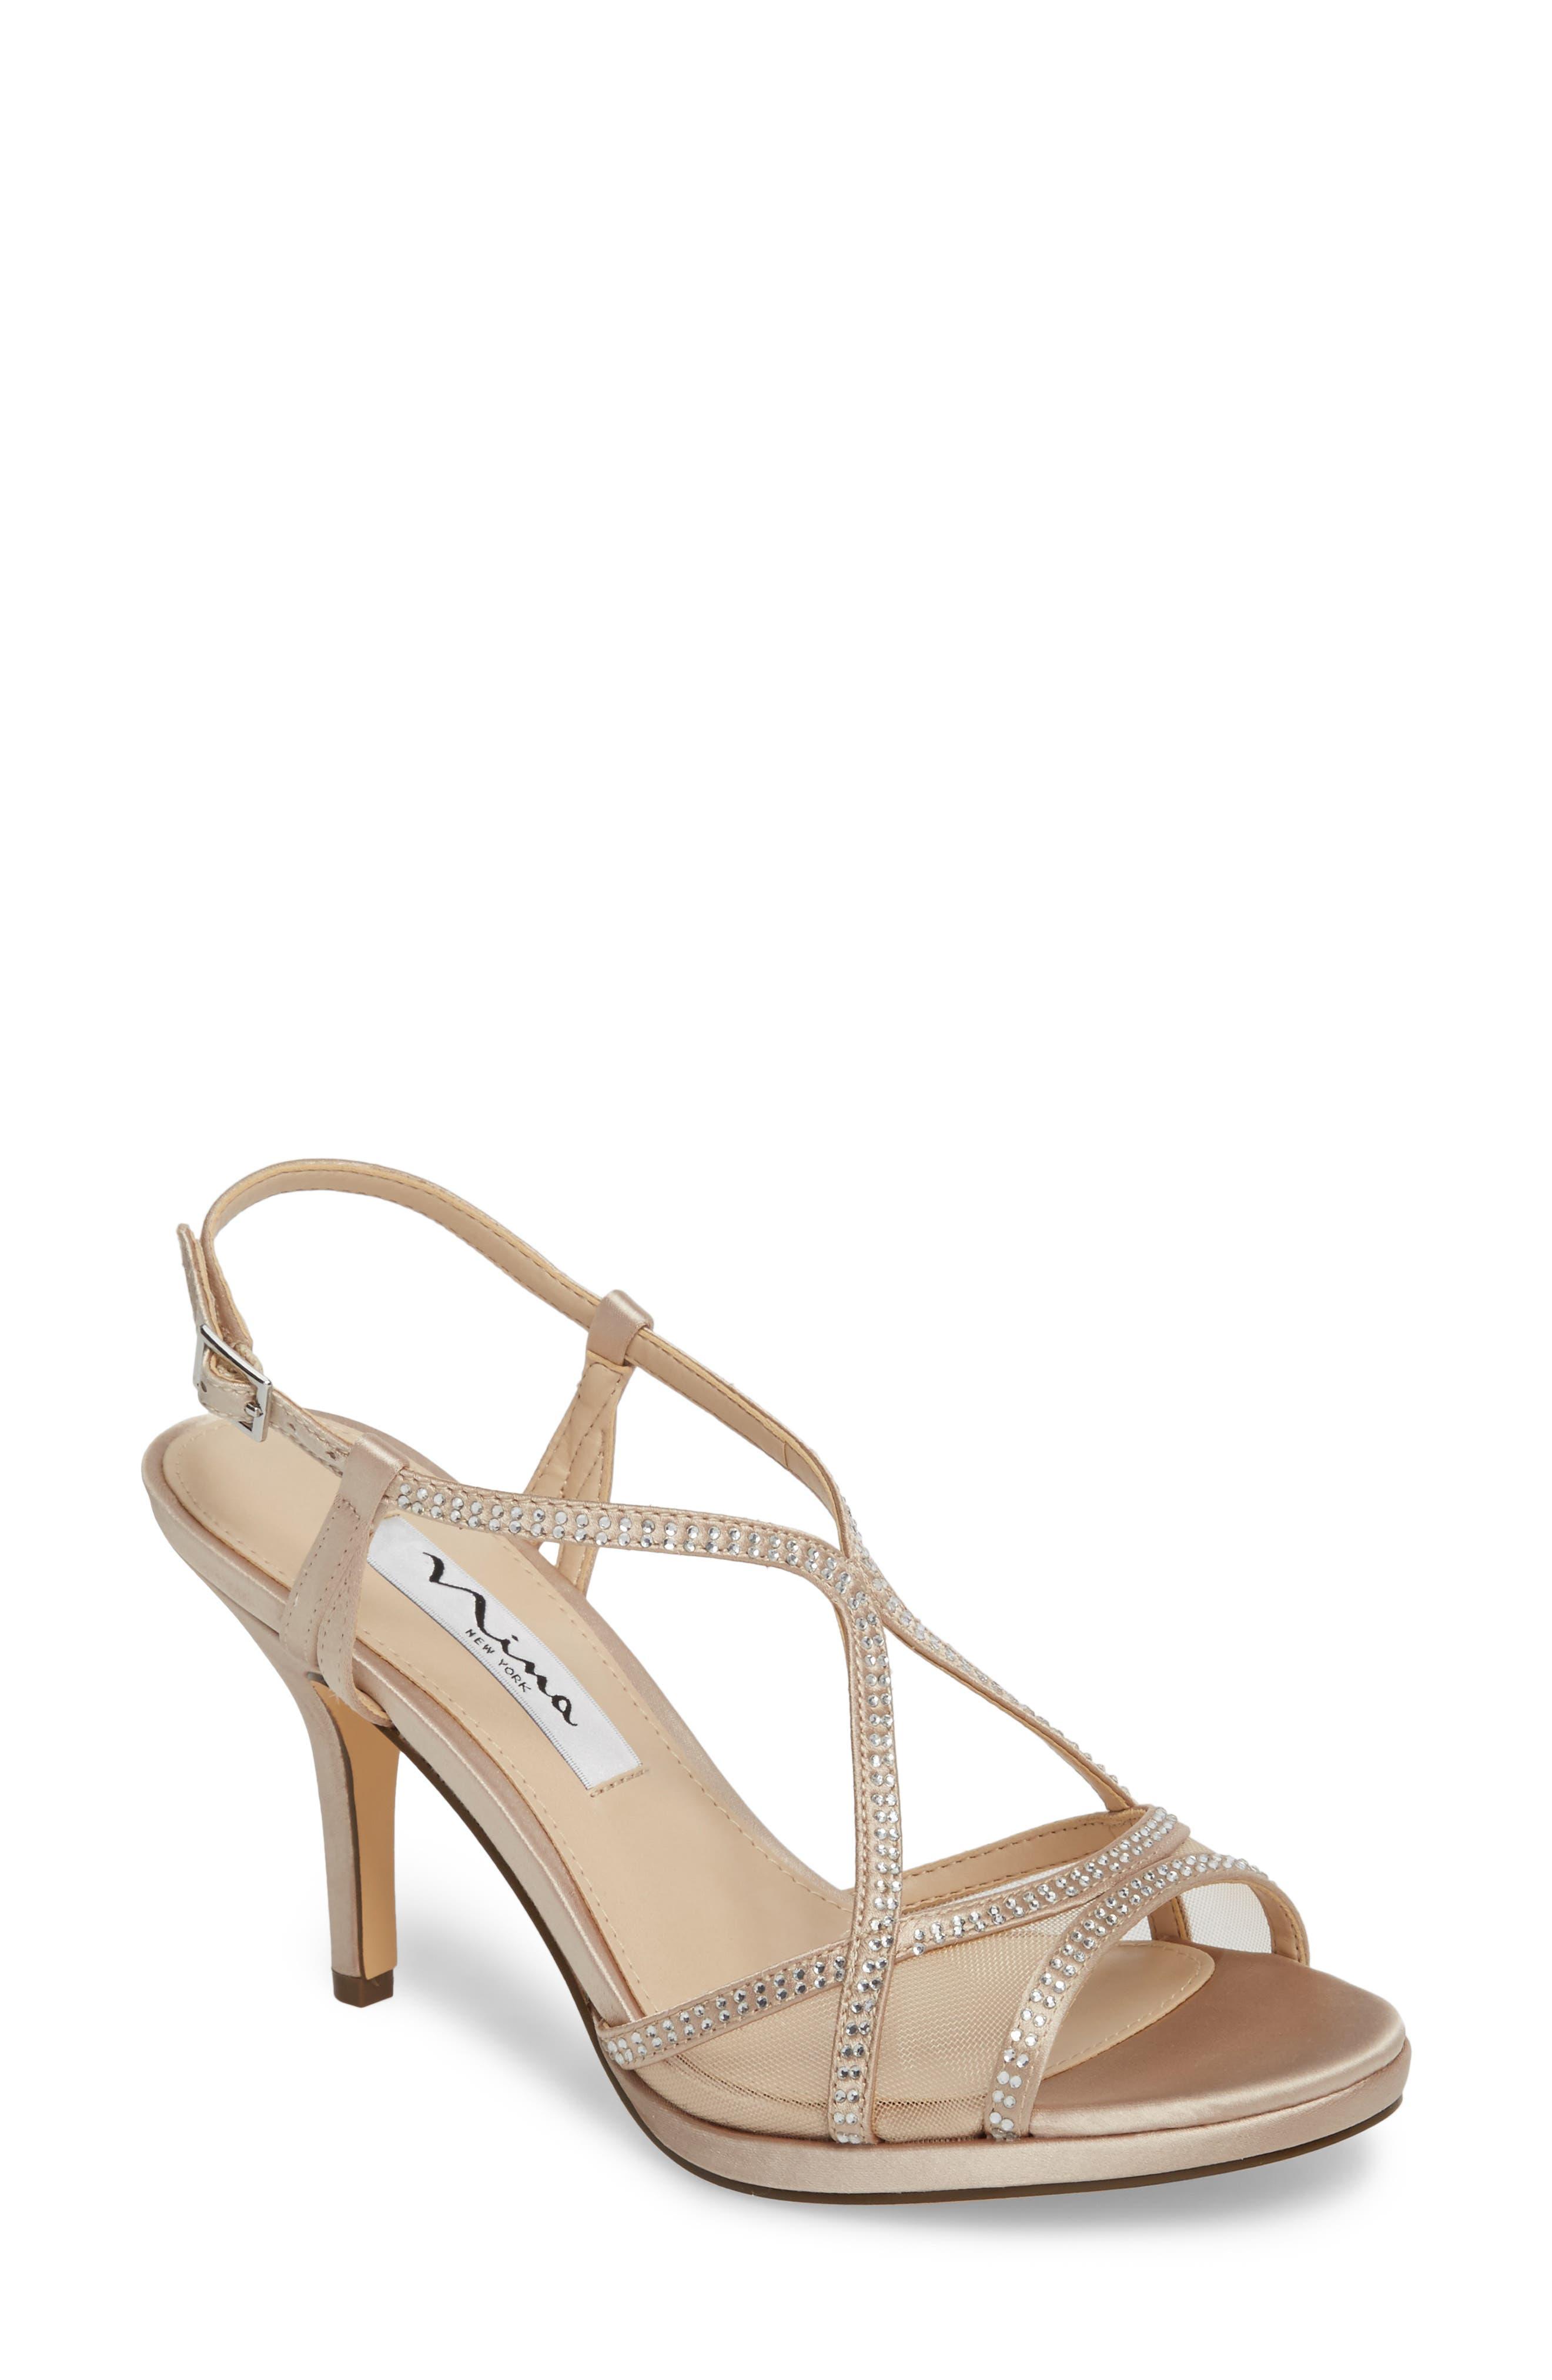 Alternate Image 1 Selected - Nina Blossom Crystal Embellished Sandal (Women)